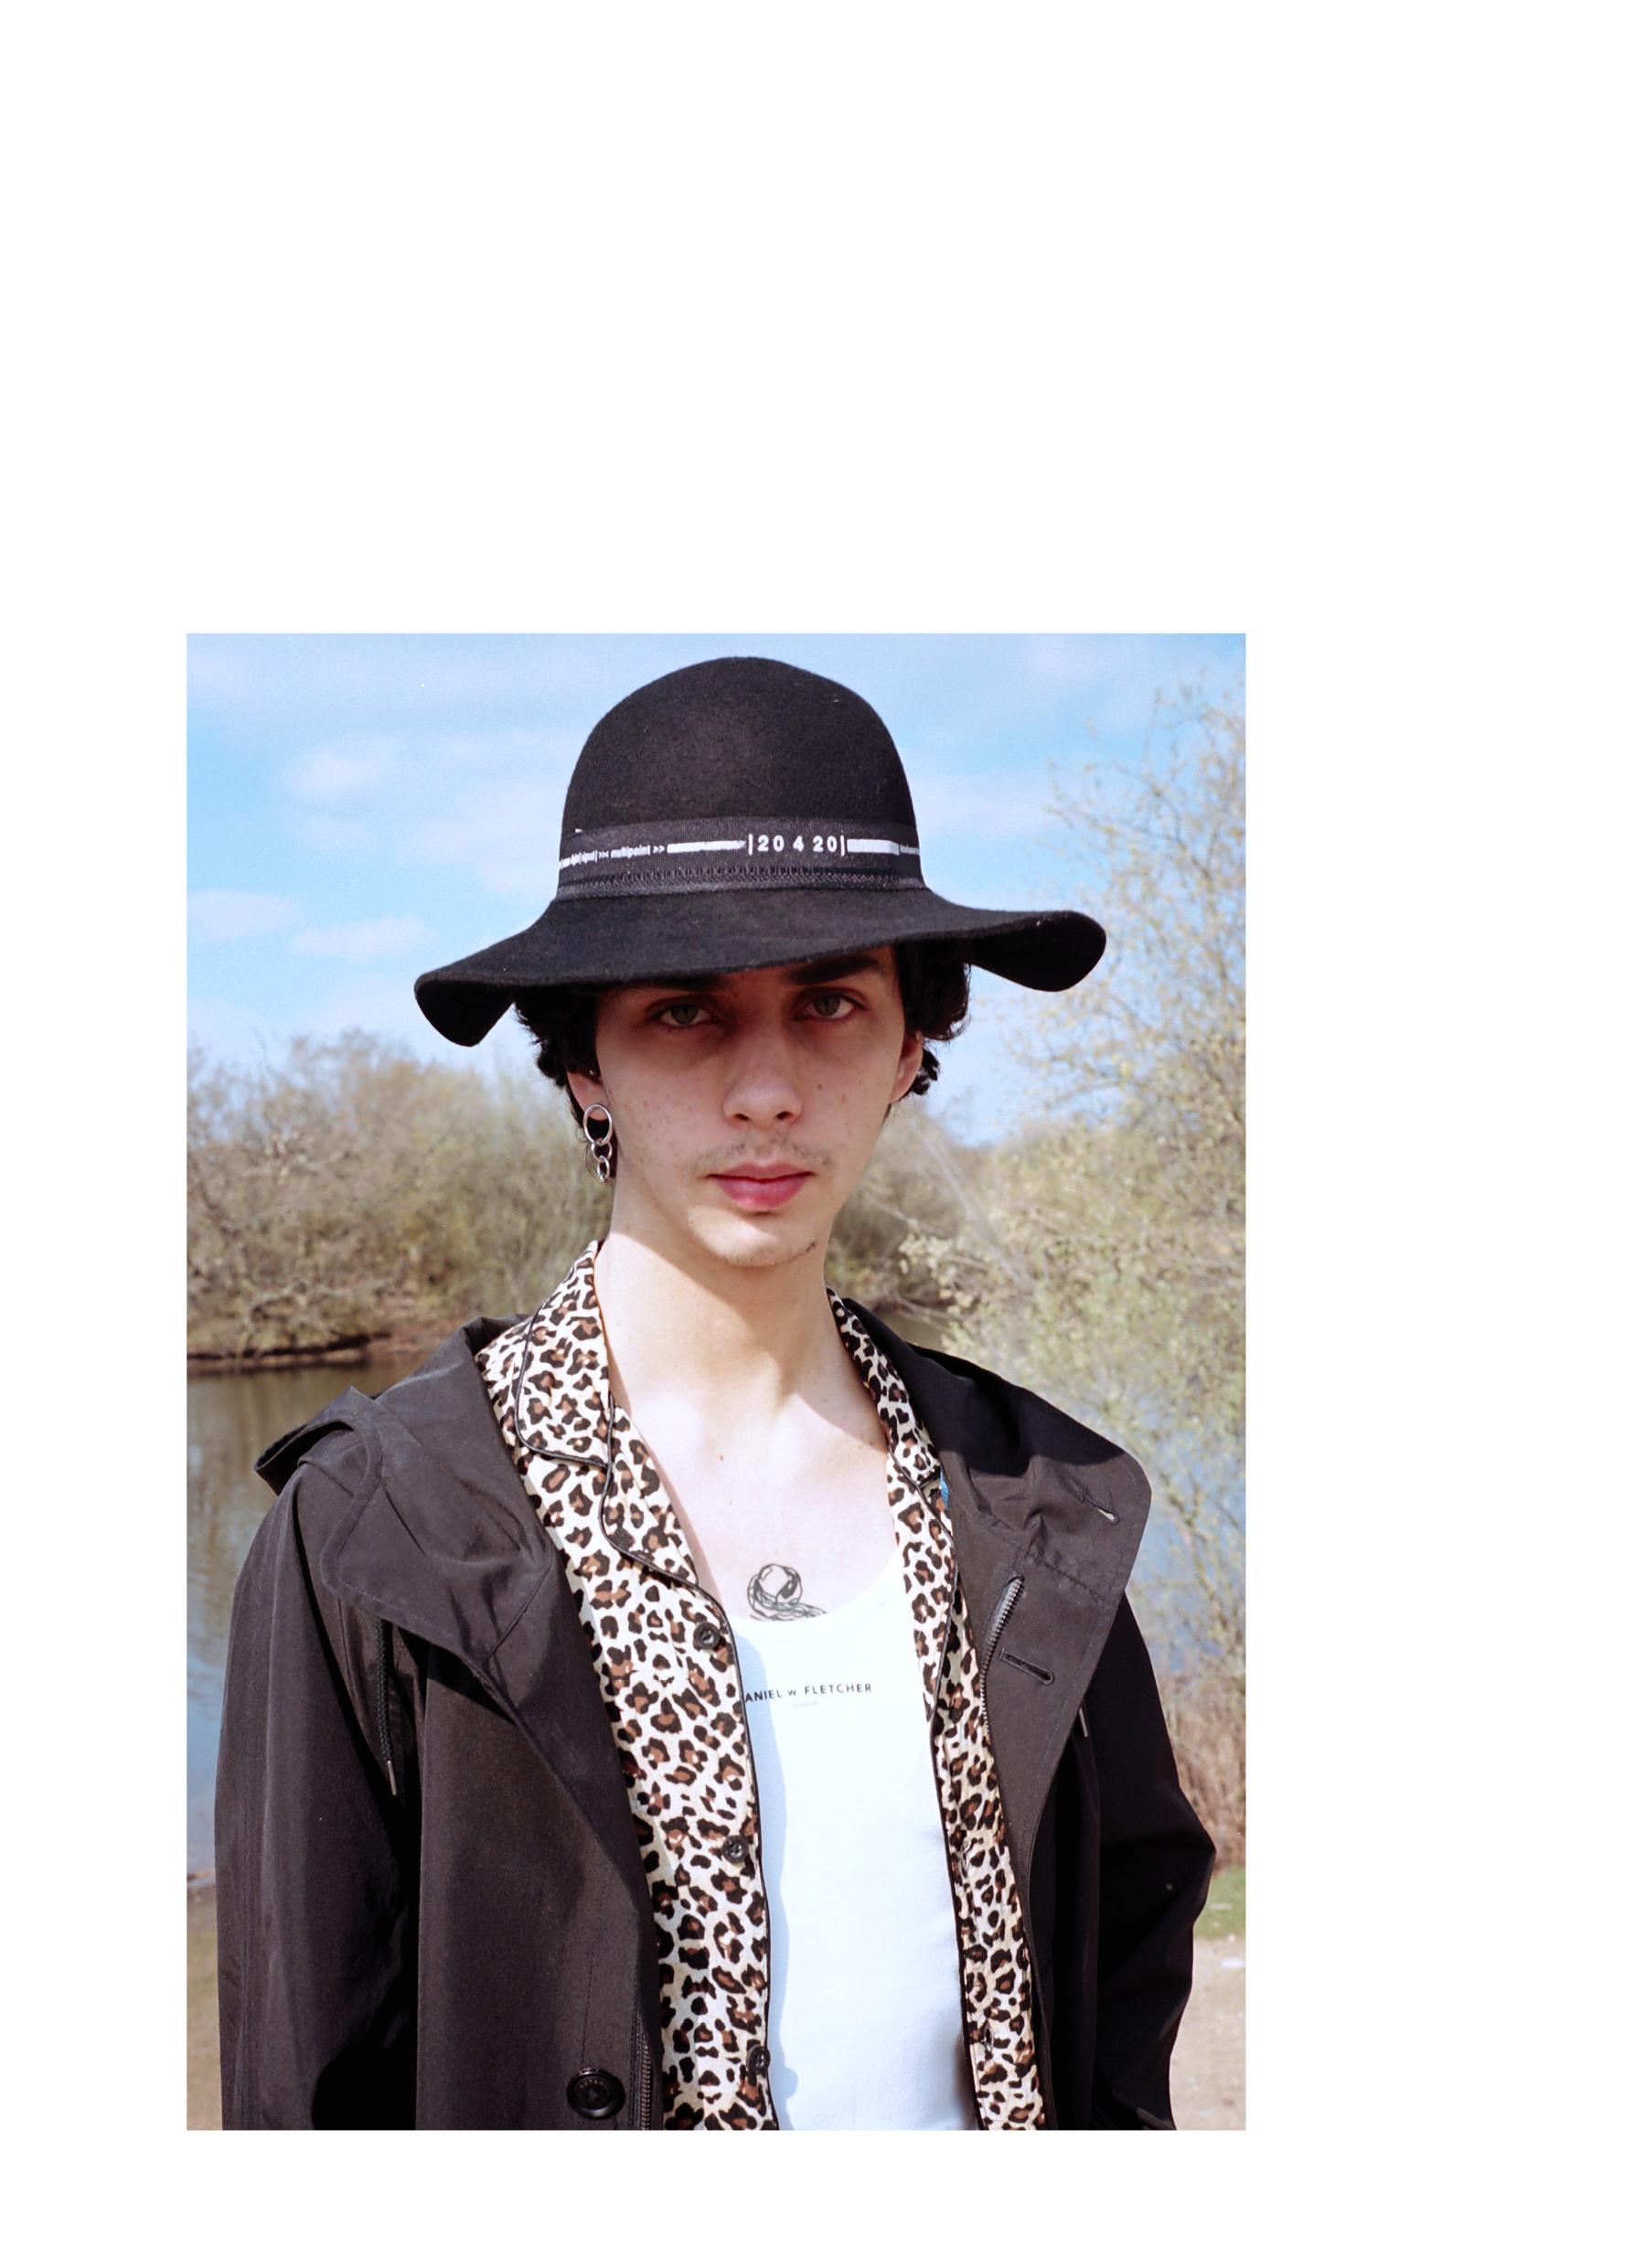 Coat - Nanamica, Shirt - Vintage, Vest - Daniel W Fletcher, Pants & Hat - Tourne de Transmission, Belt - Tres Bien, Boots - YMC